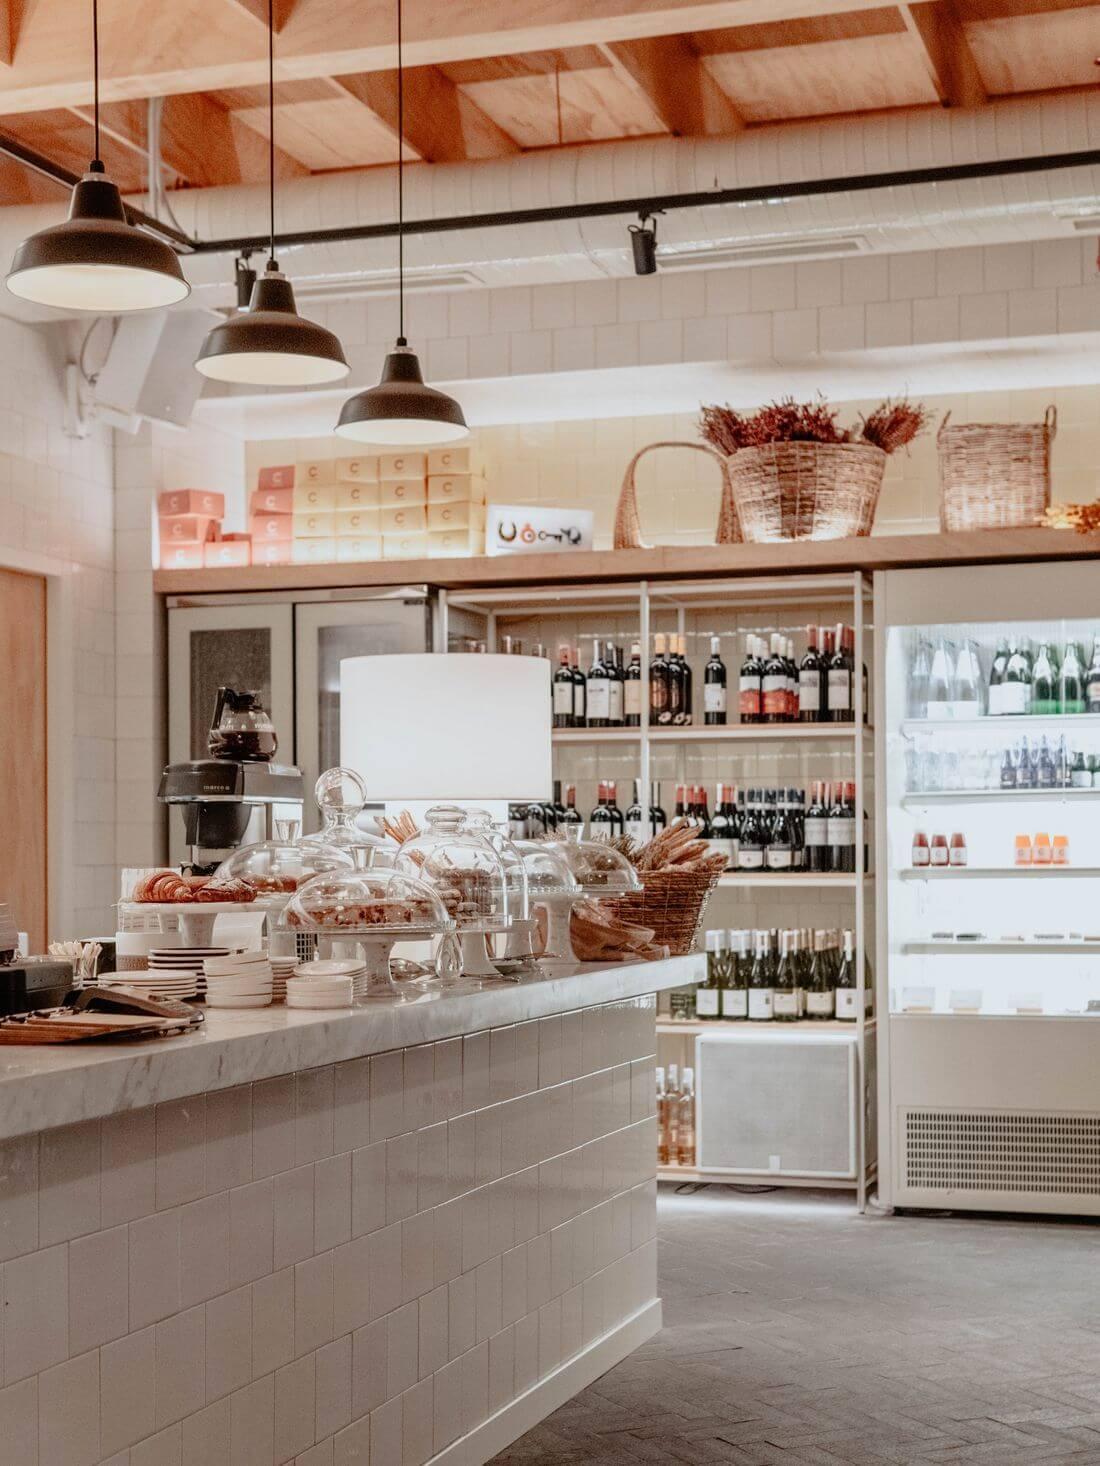 Spiżarnia w Kuchni Loftowej z lodówkami oraz metalowymi półkami – kawiarnia loftowa z ladą, rogalikami, ciastkami i pieczywem